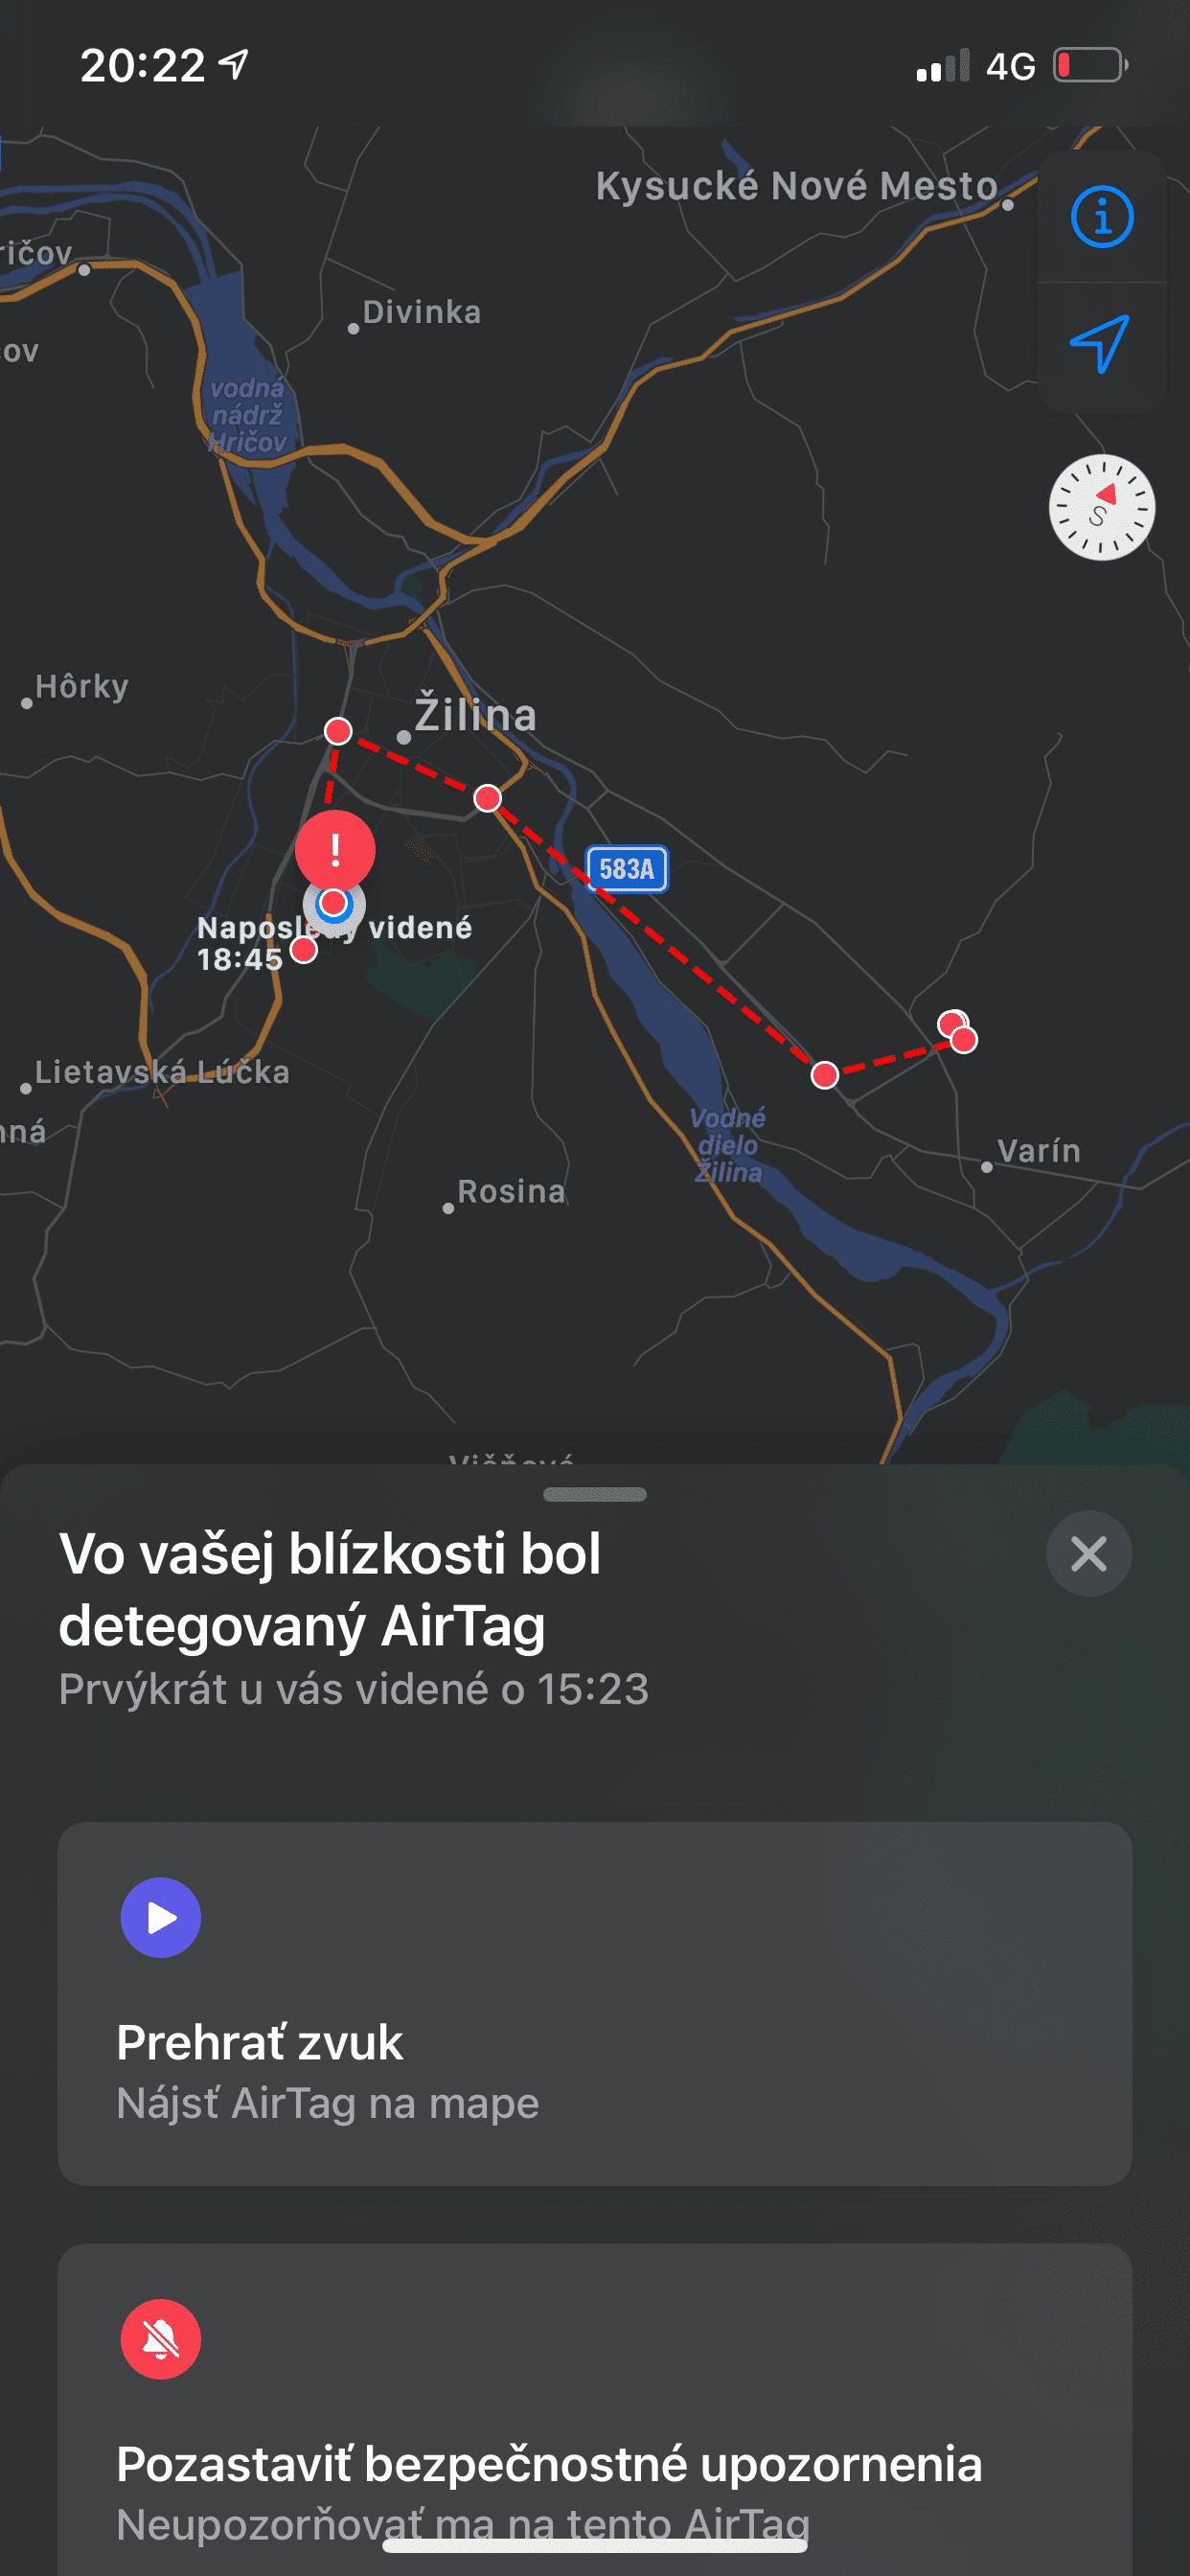 Sledovanie AirTag - svetapple.sk